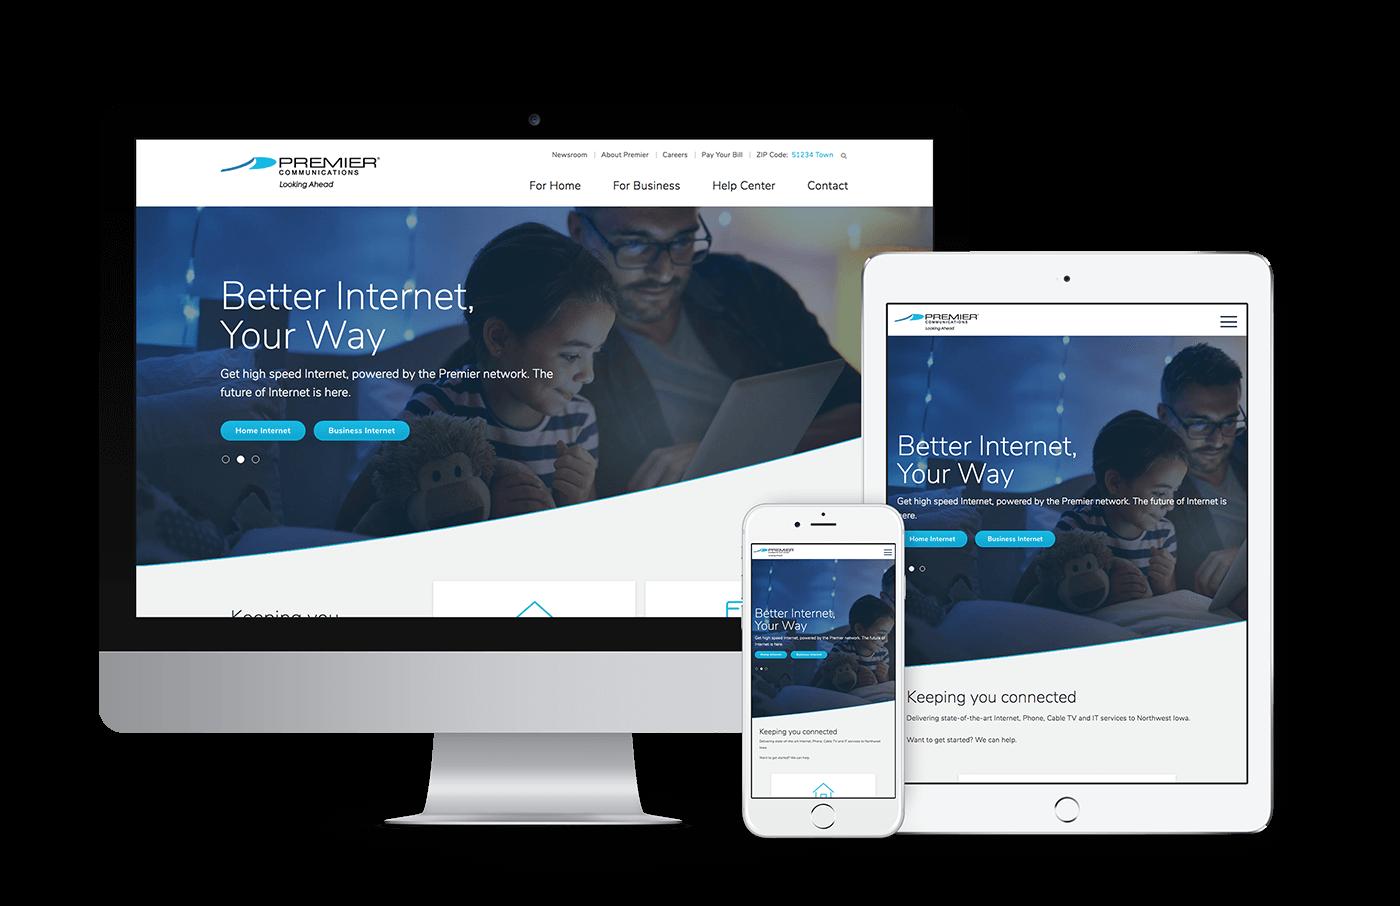 Premier Communications Responsive Web Design